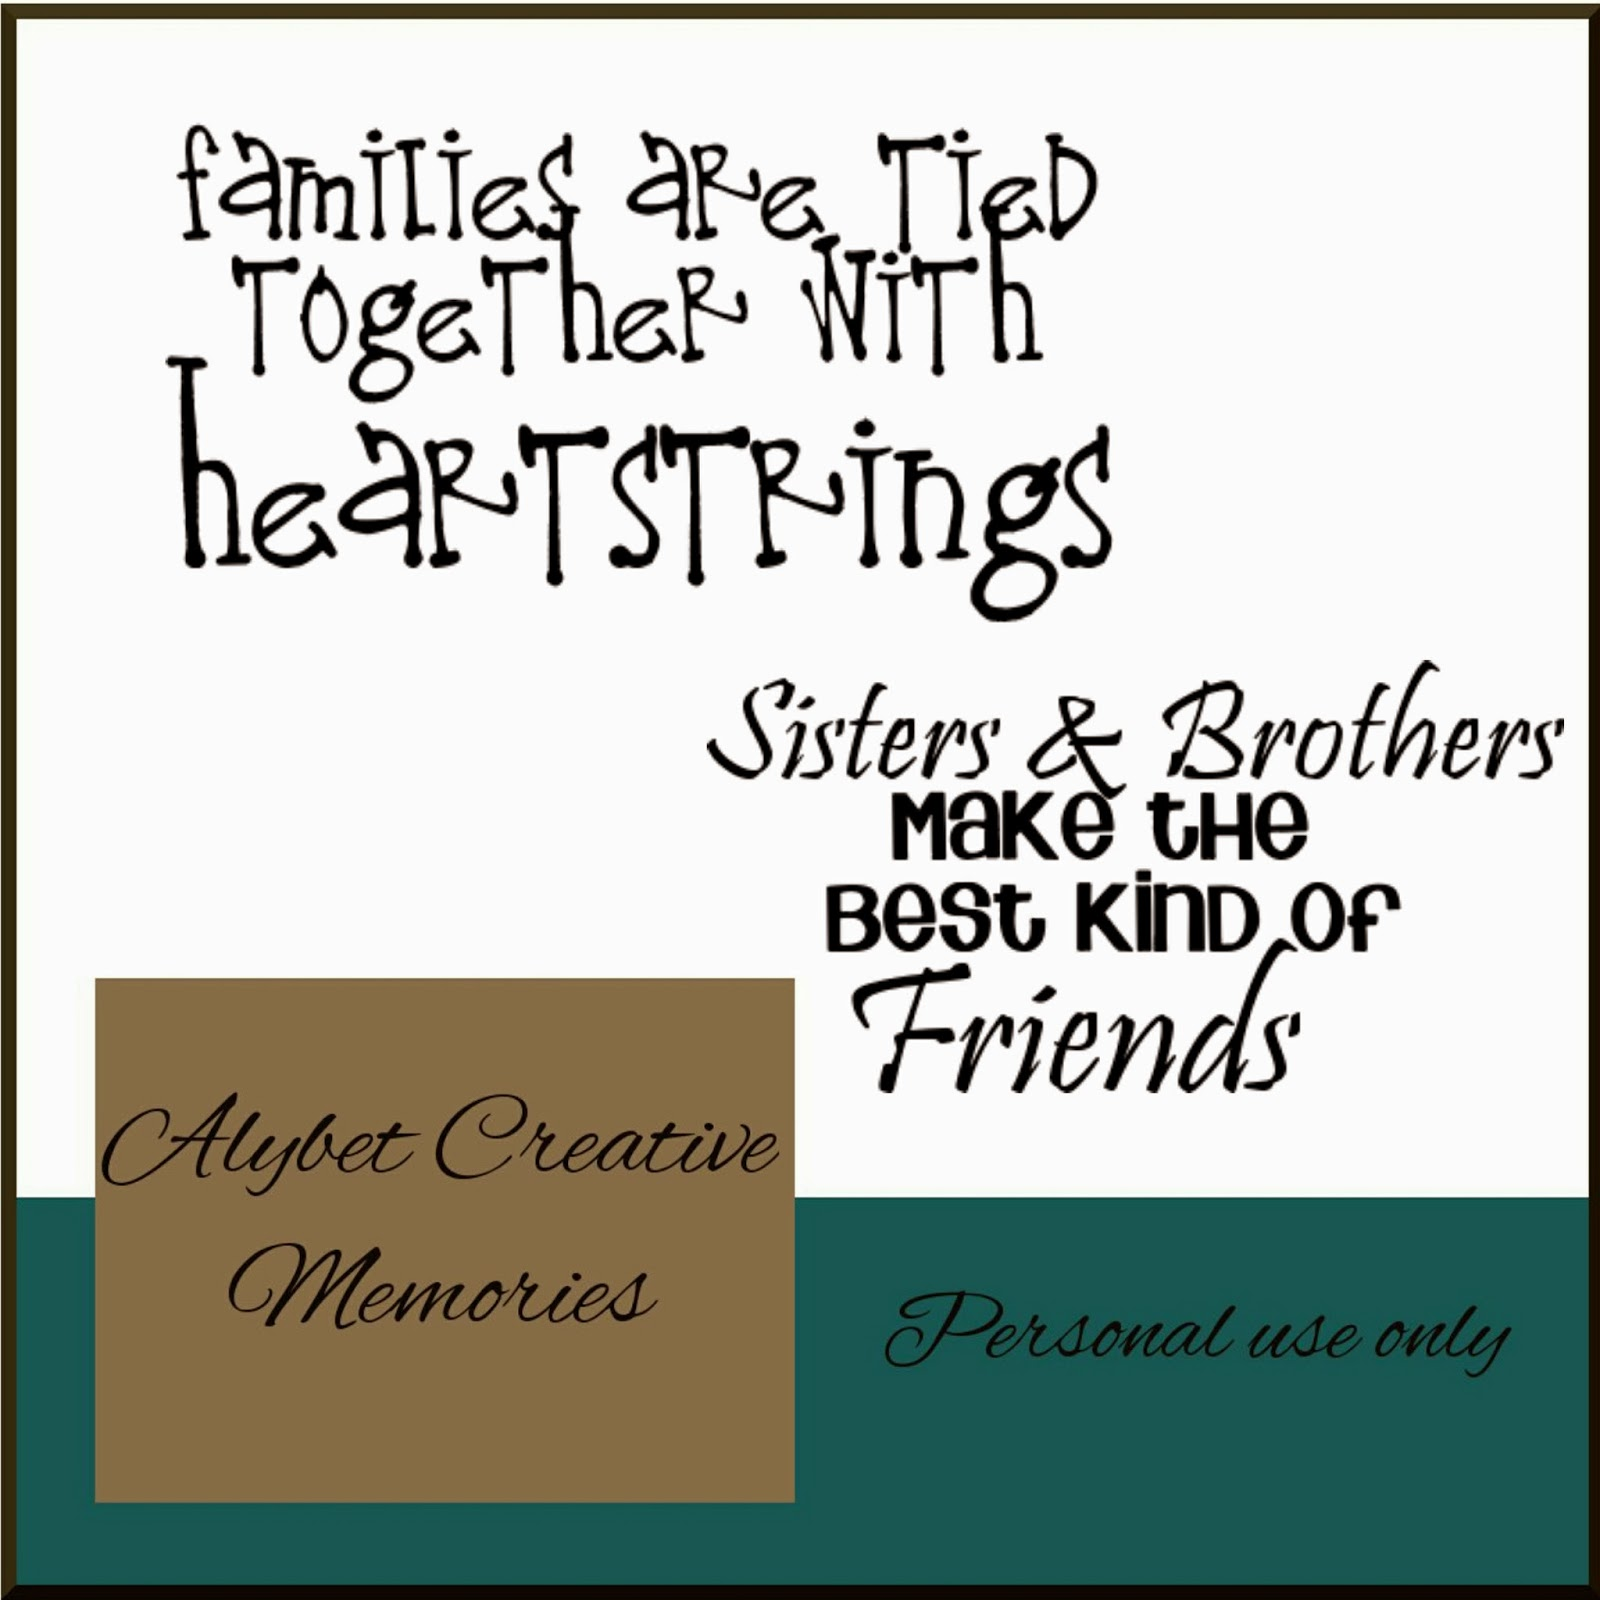 http://3.bp.blogspot.com/-iD6KkUB3gBE/Uxvhkr_UmnI/AAAAAAAADhM/bzEyQ9_eXBA/s1600/SistersBrothers_alybet.jpg